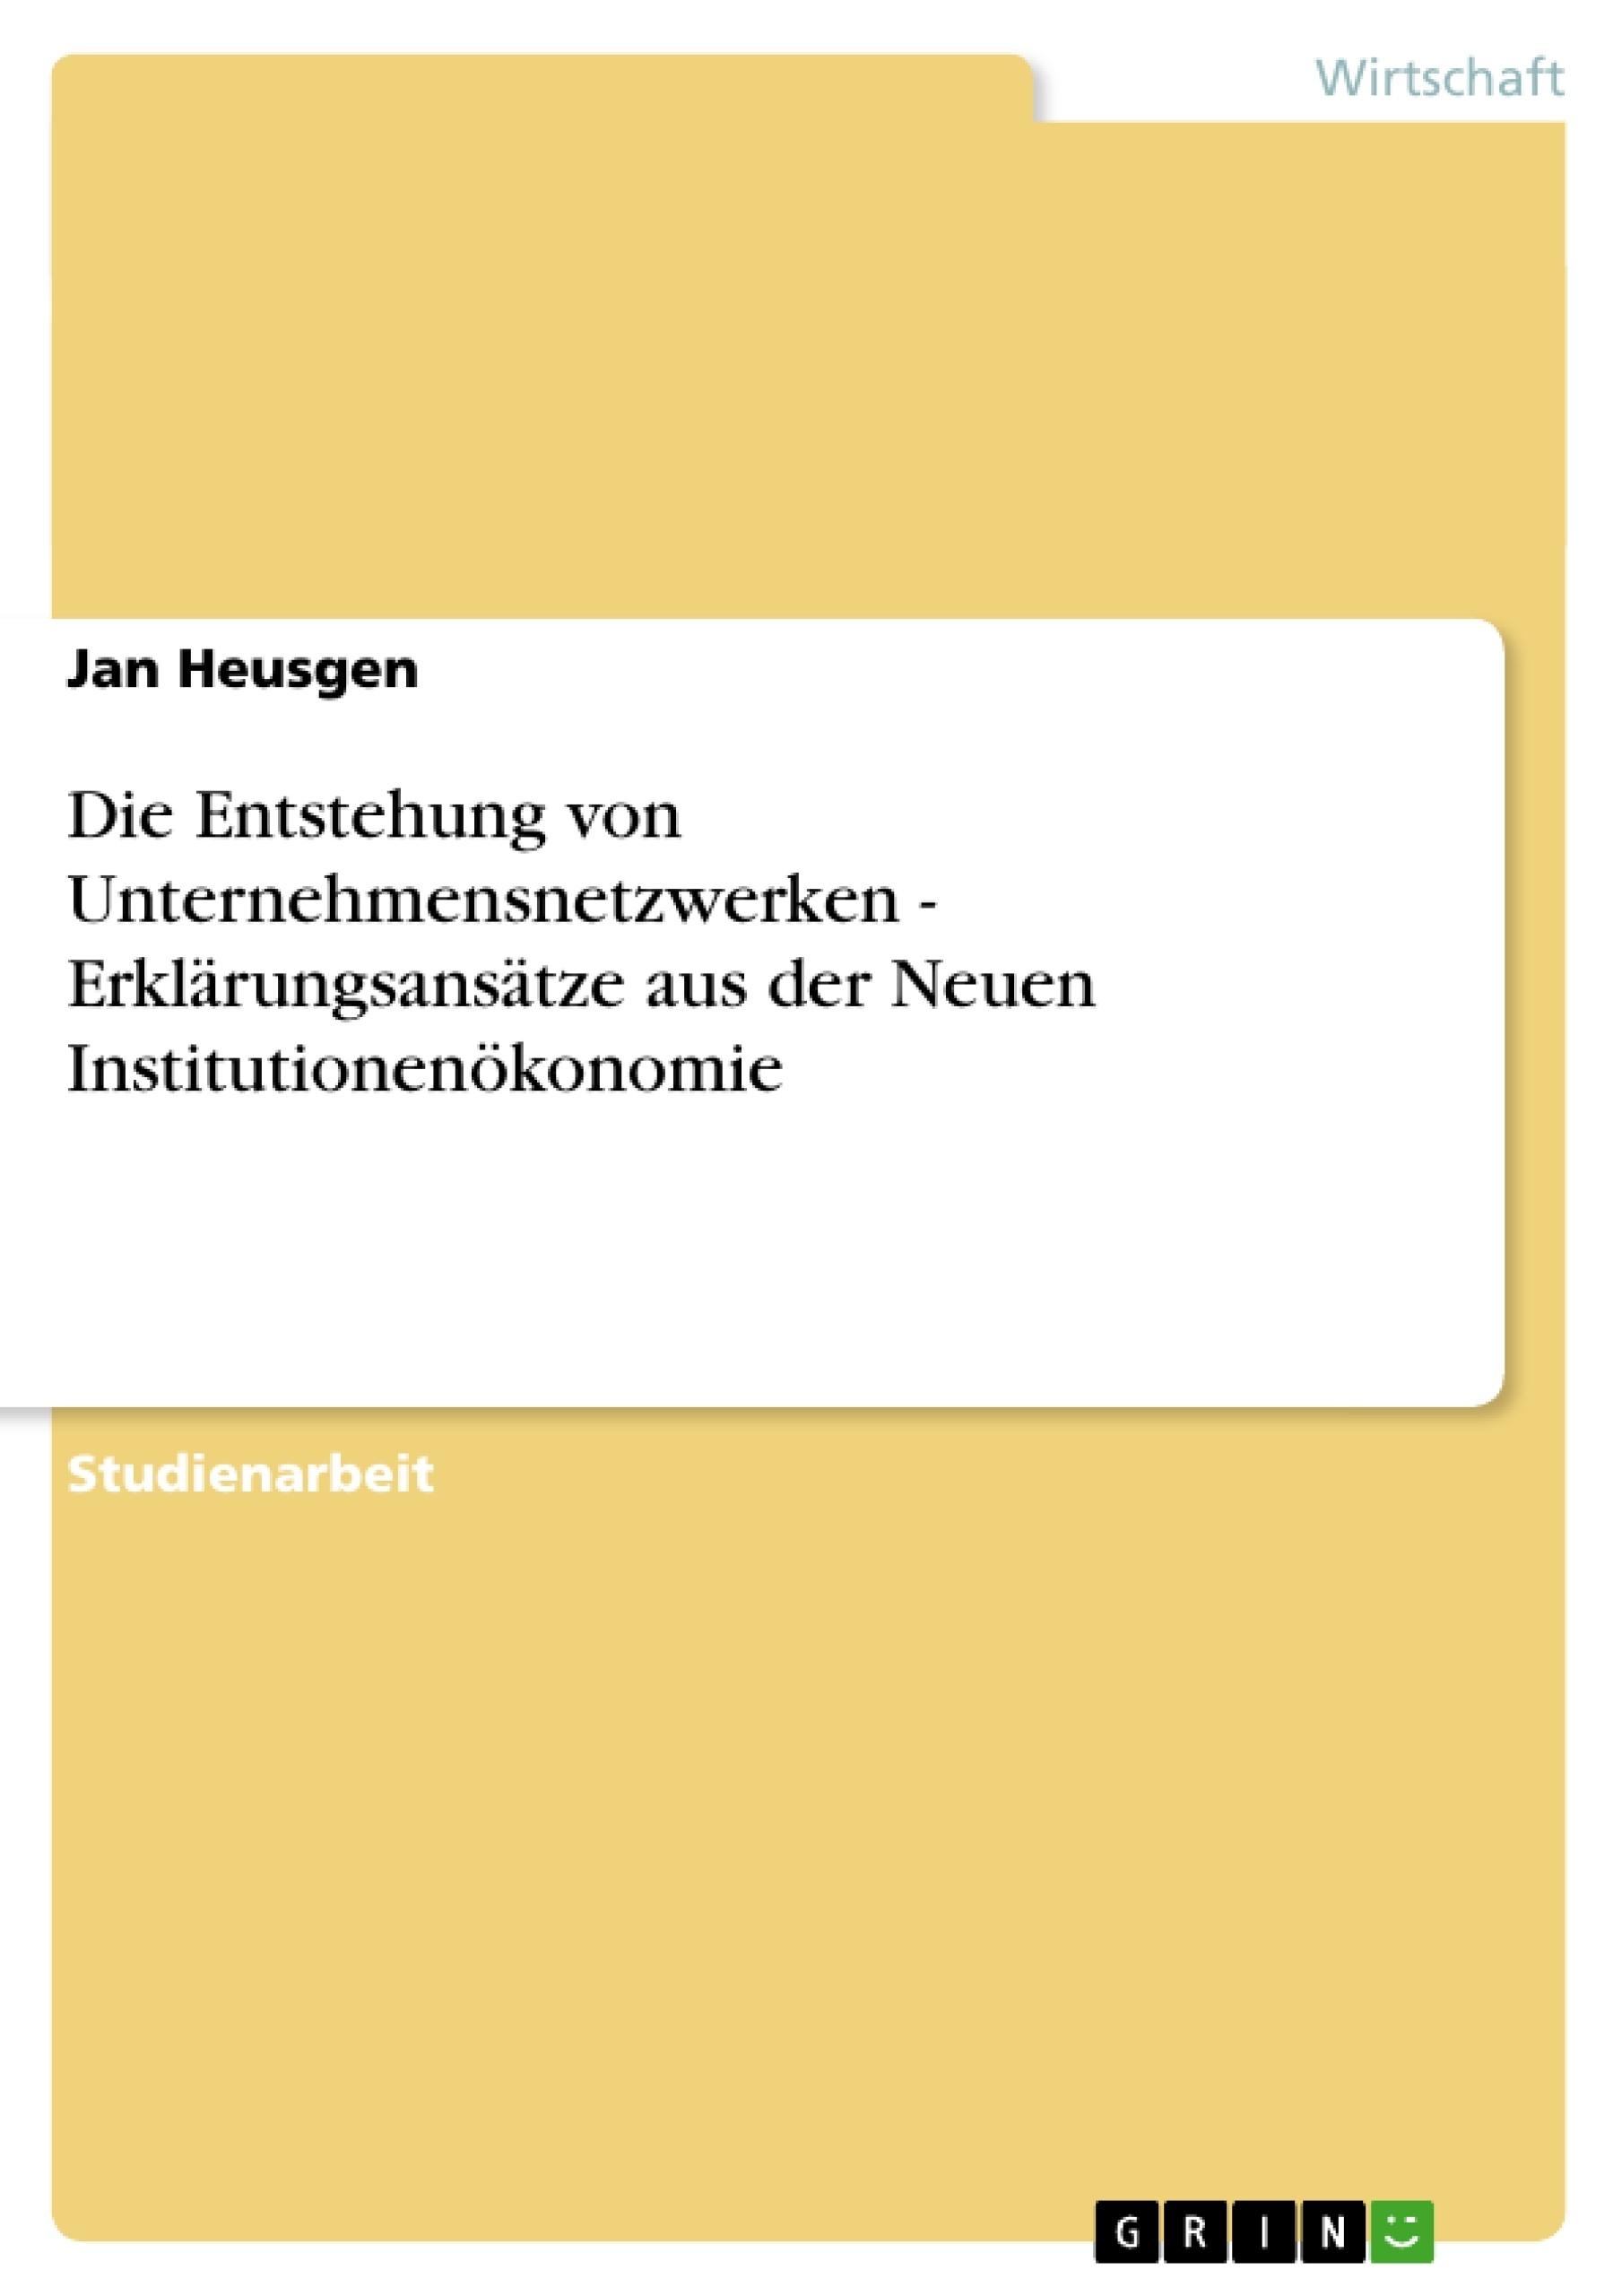 Titel: Die Entstehung von Unternehmensnetzwerken - Erklärungsansätze aus der Neuen Institutionenökonomie